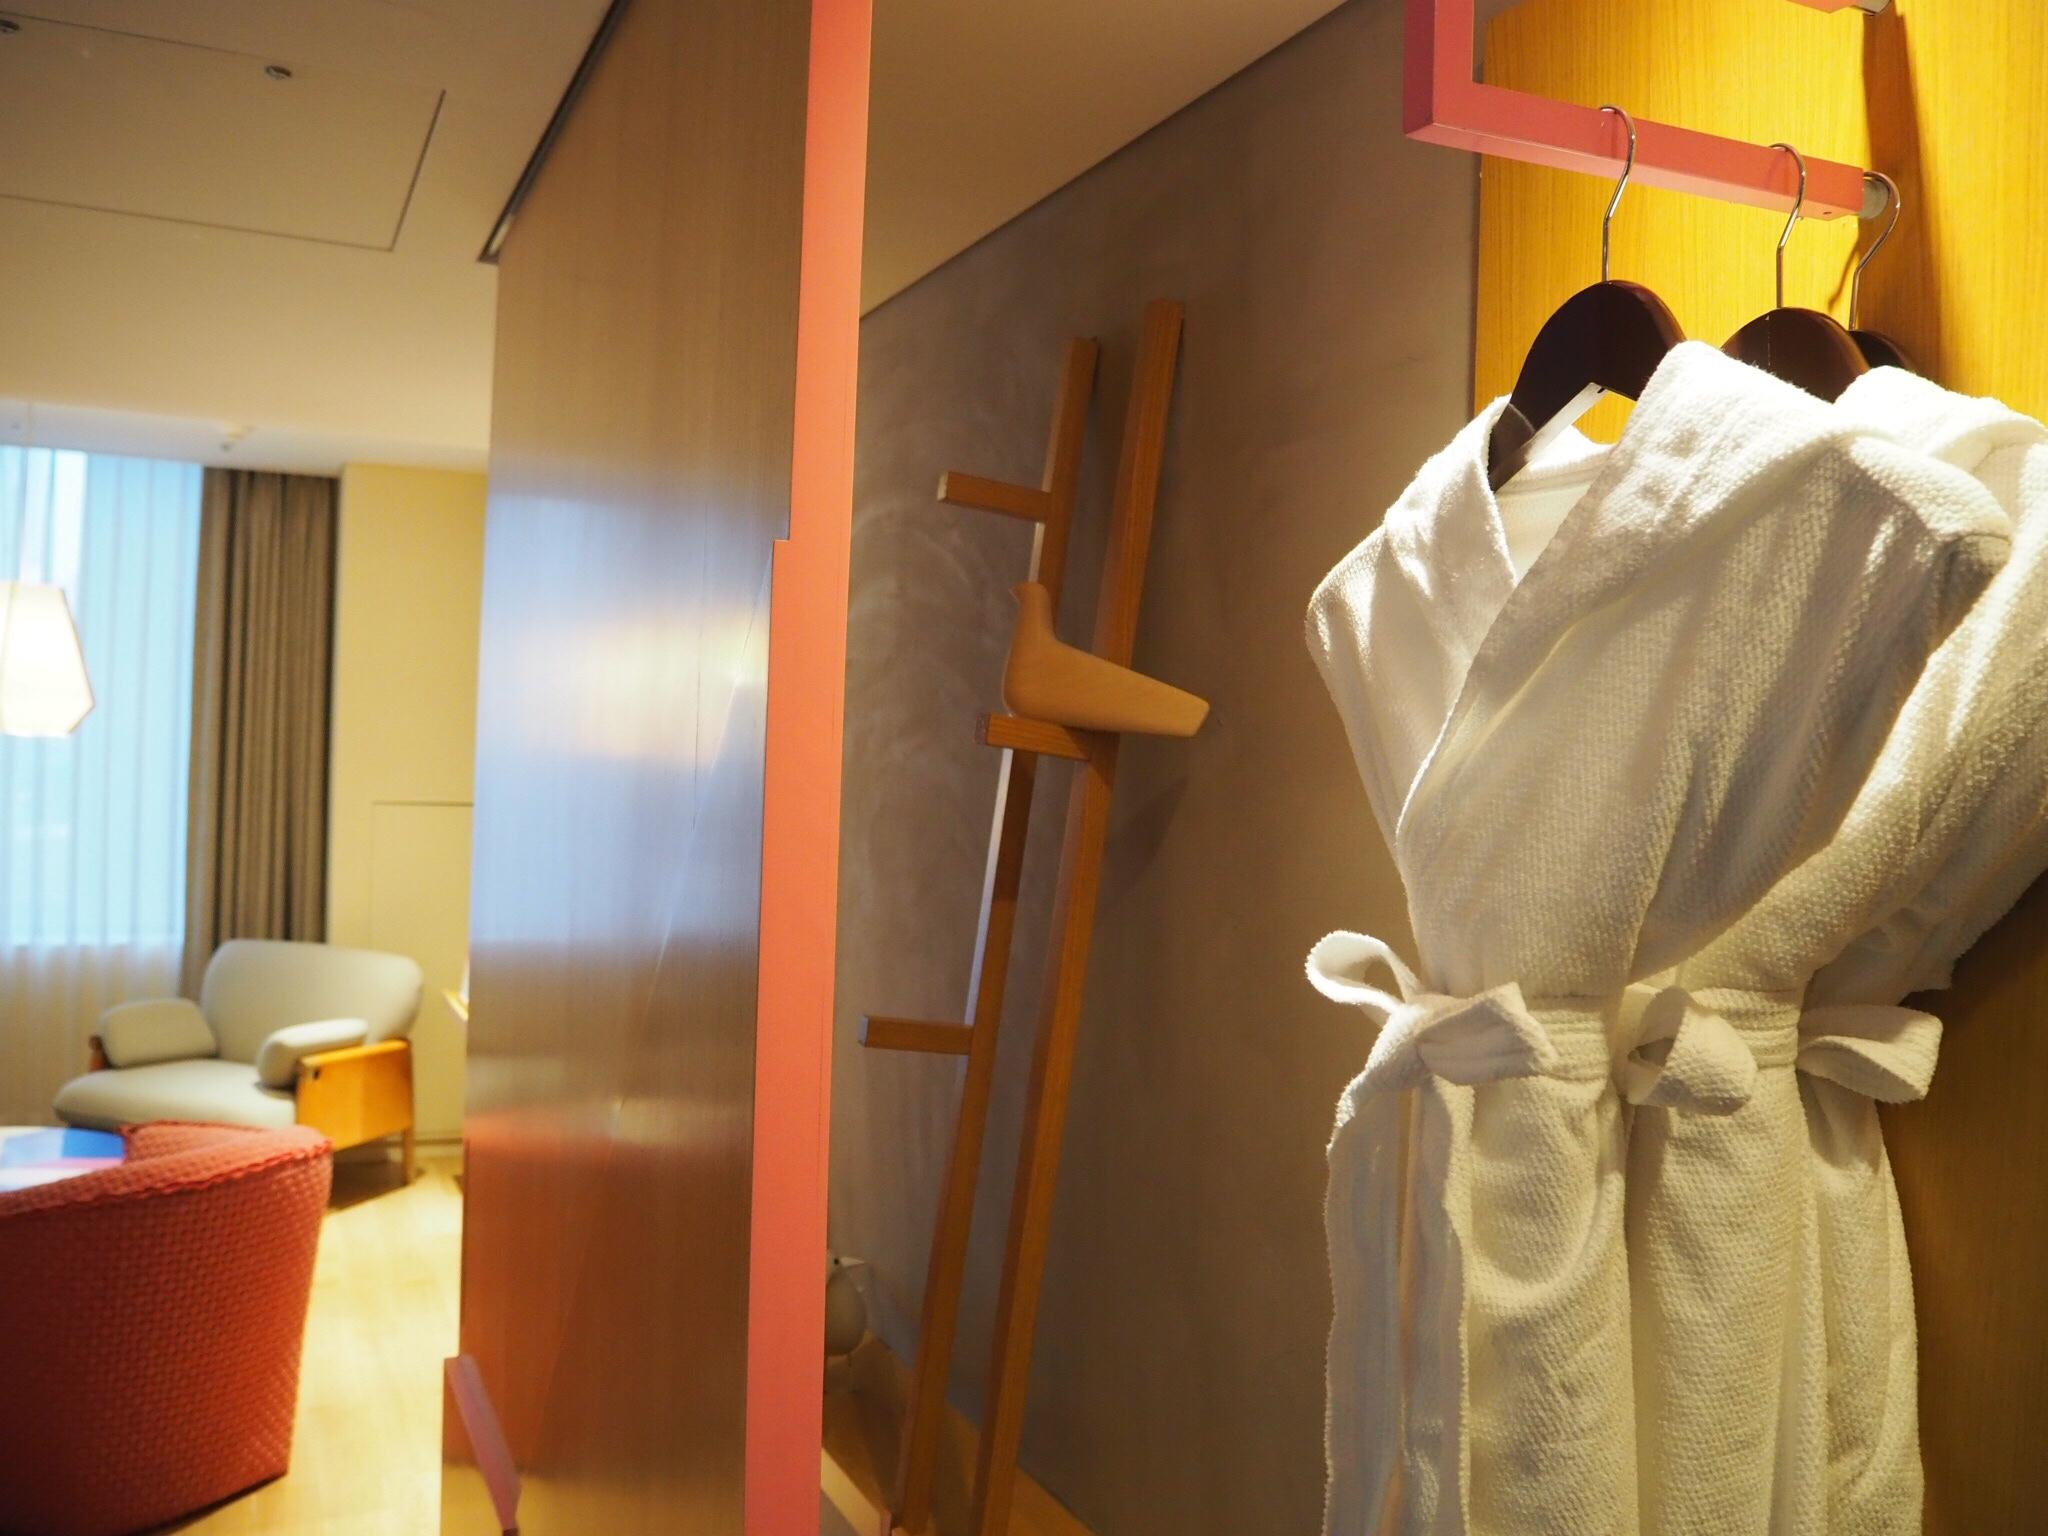 img 8936 - L7 HOTELS - どこを切り取ってもフォトジェニック!韓国ソウルに新しくオープンしたロッテグループのデザイナーズホテル